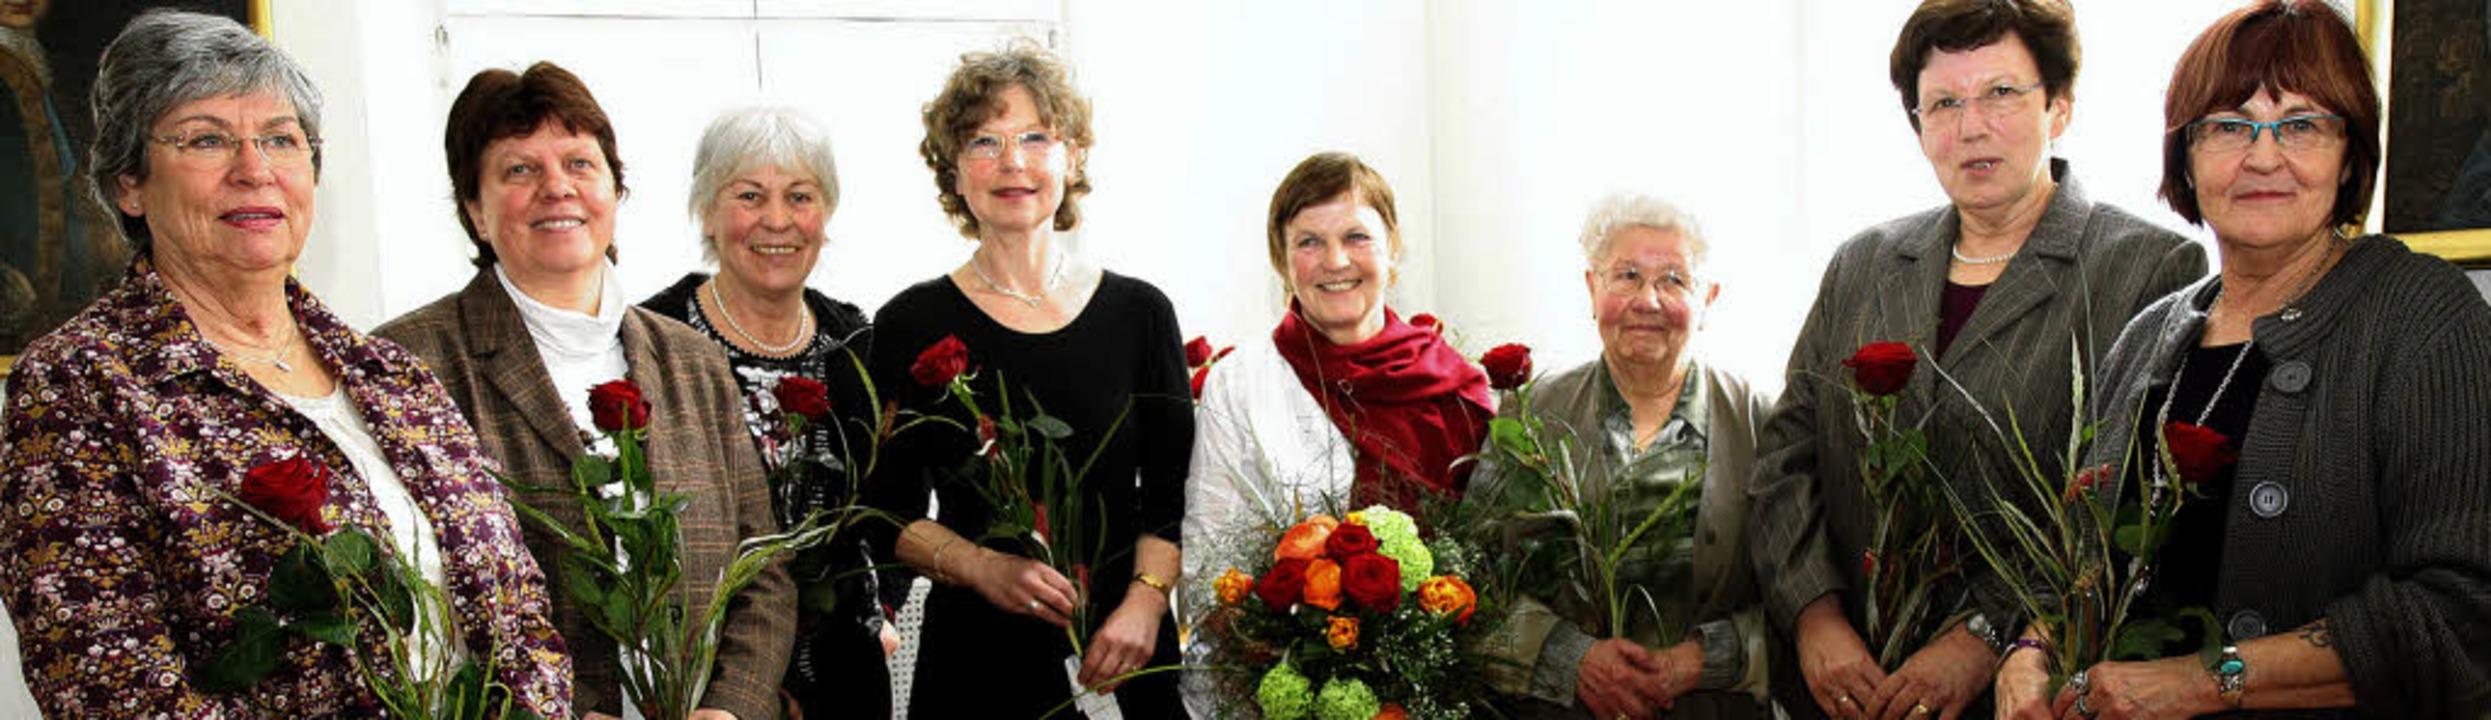 Elfriede Behnke (fünfte von links) erh...pernick (Ehrenamtliche im Haus Eliah).  | Foto: Dagmar Barber